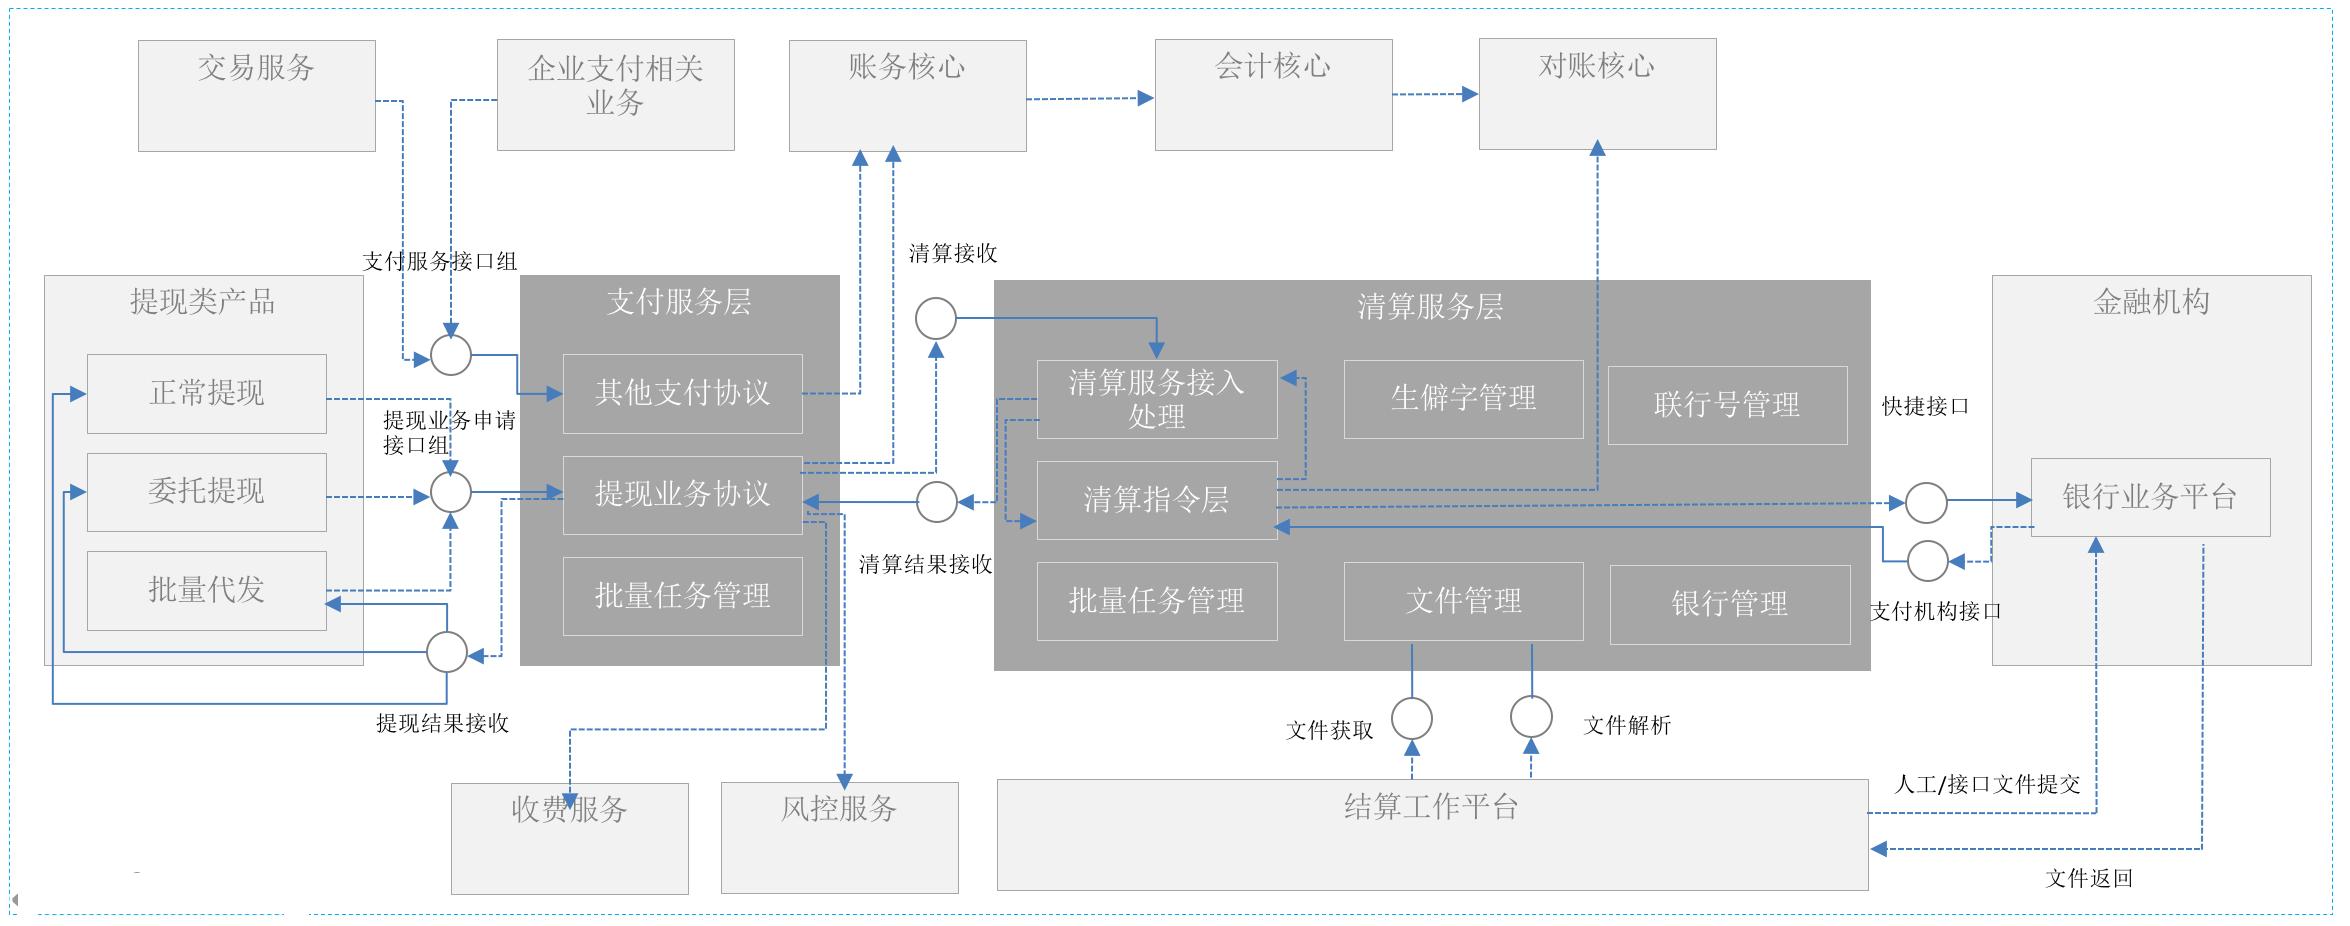 整体系统框架图